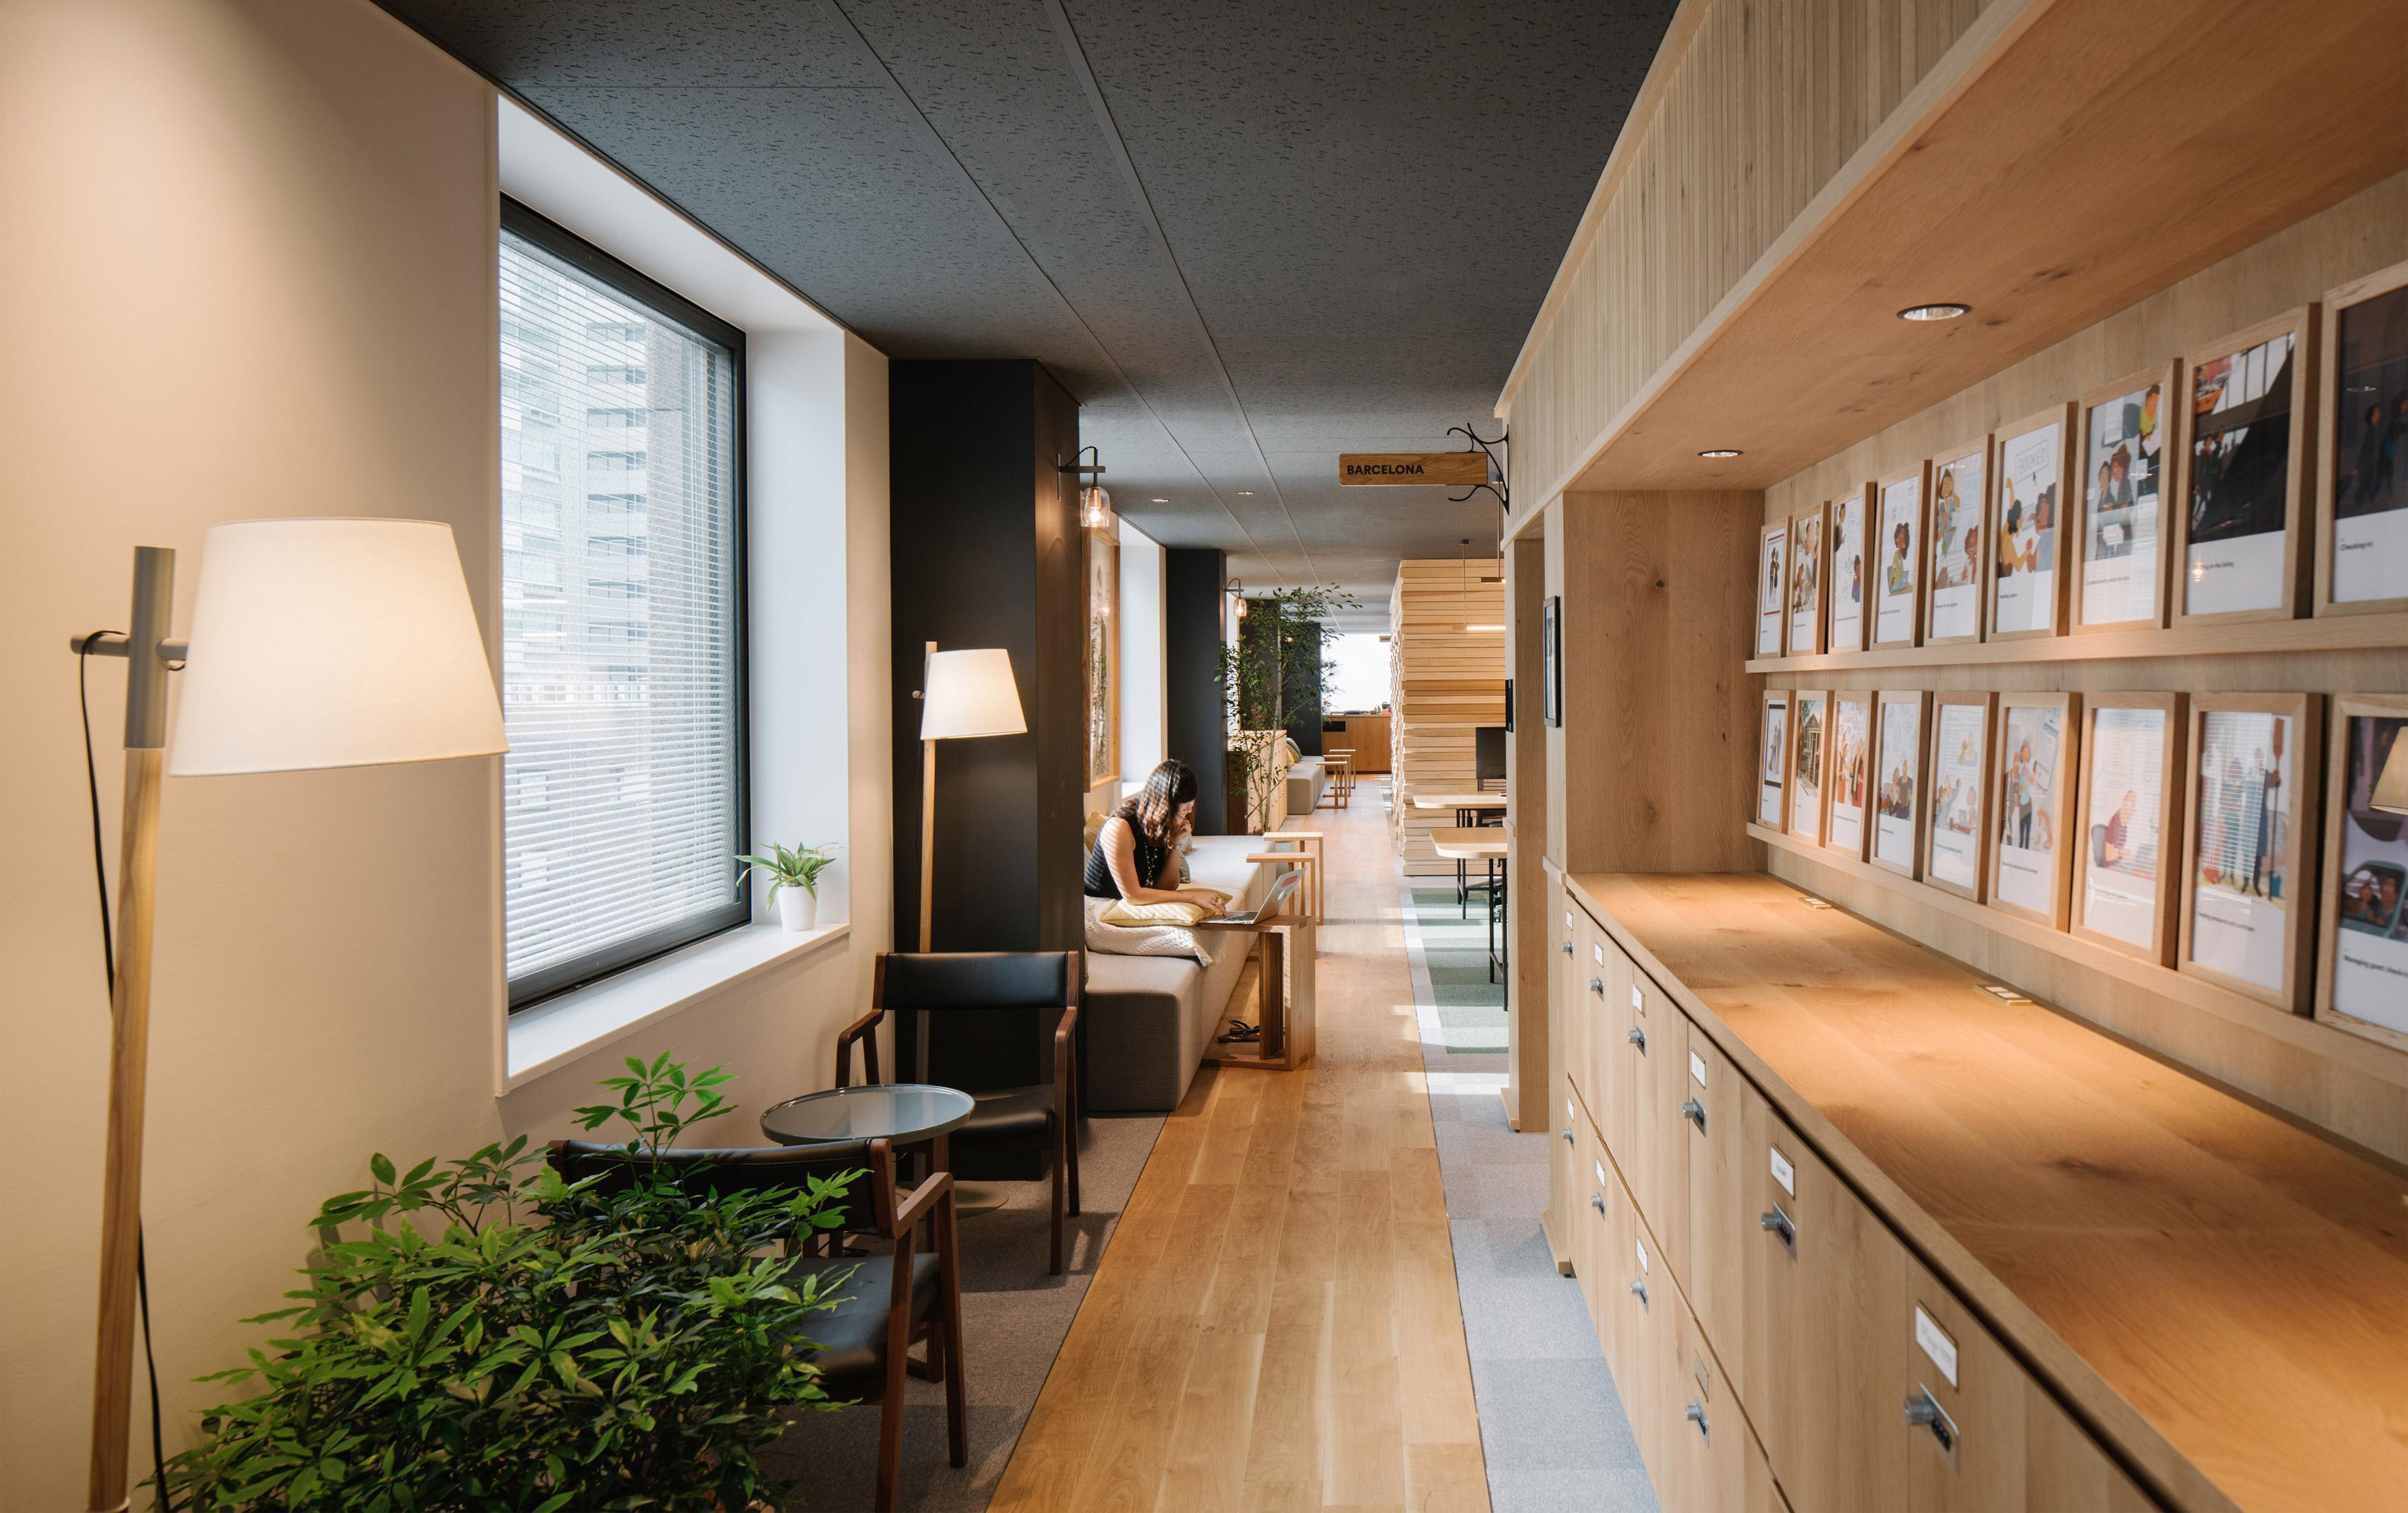 airbnb-tokyo-office-_dezeen_3408_2